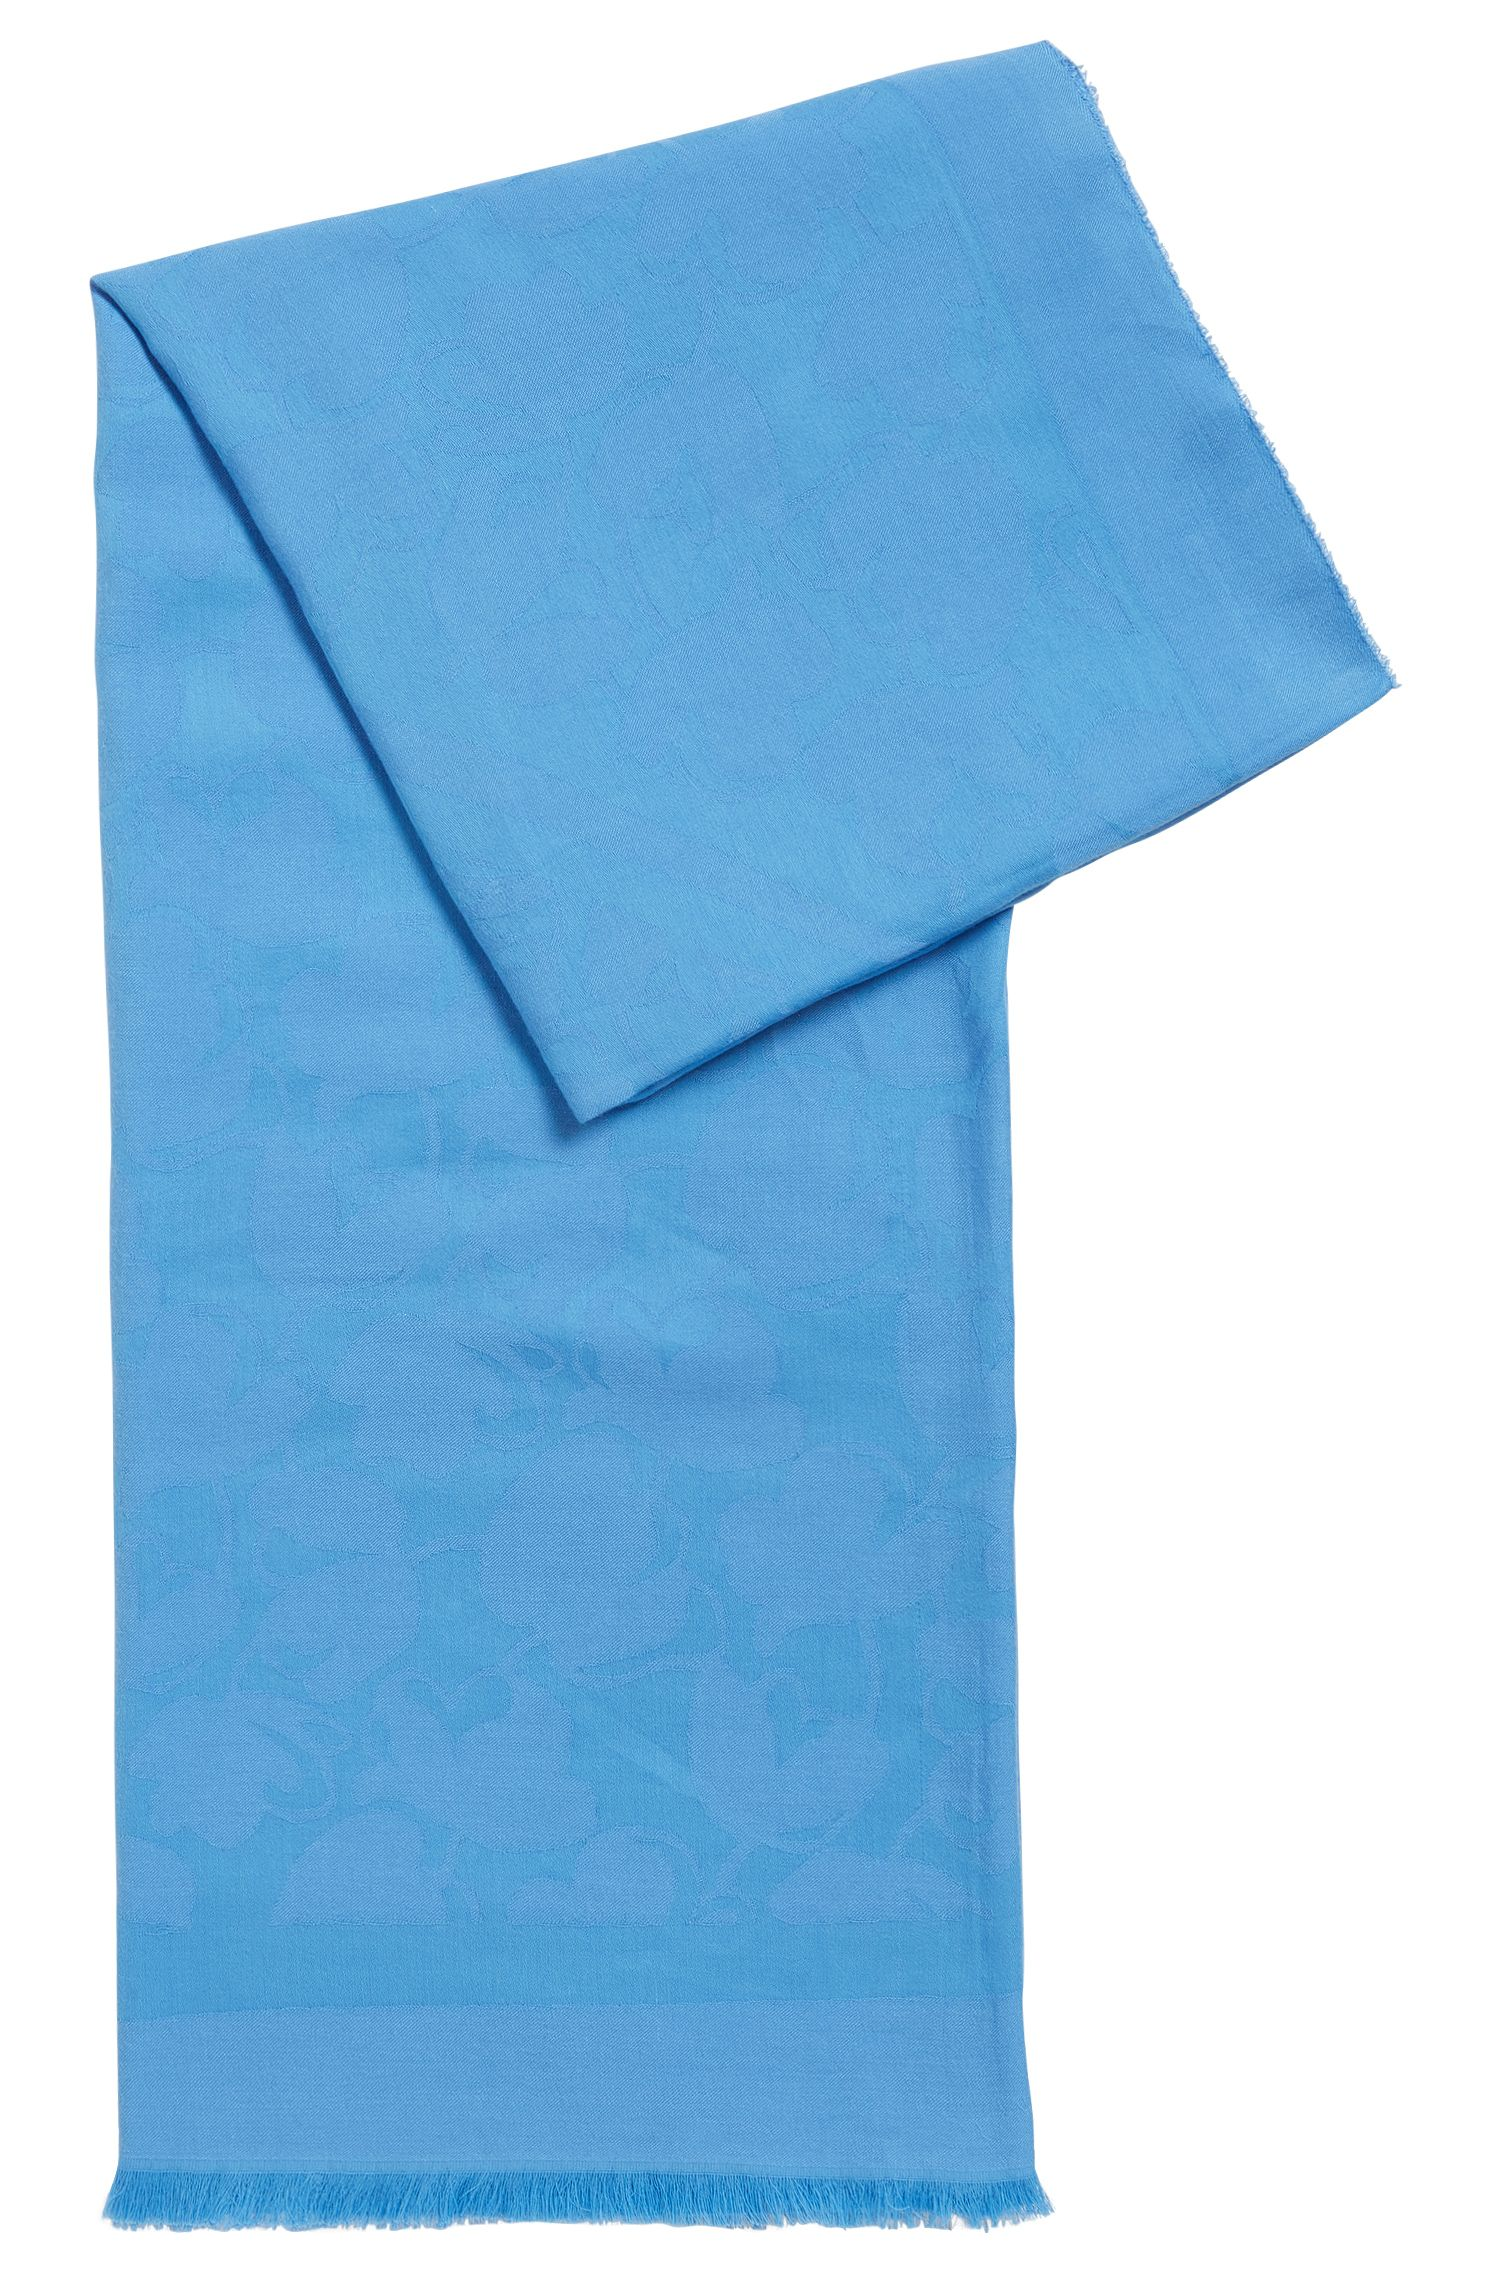 Écharpe en coton mélangé à motif jacquard ton sur ton et bordures effilochées, Turquoise